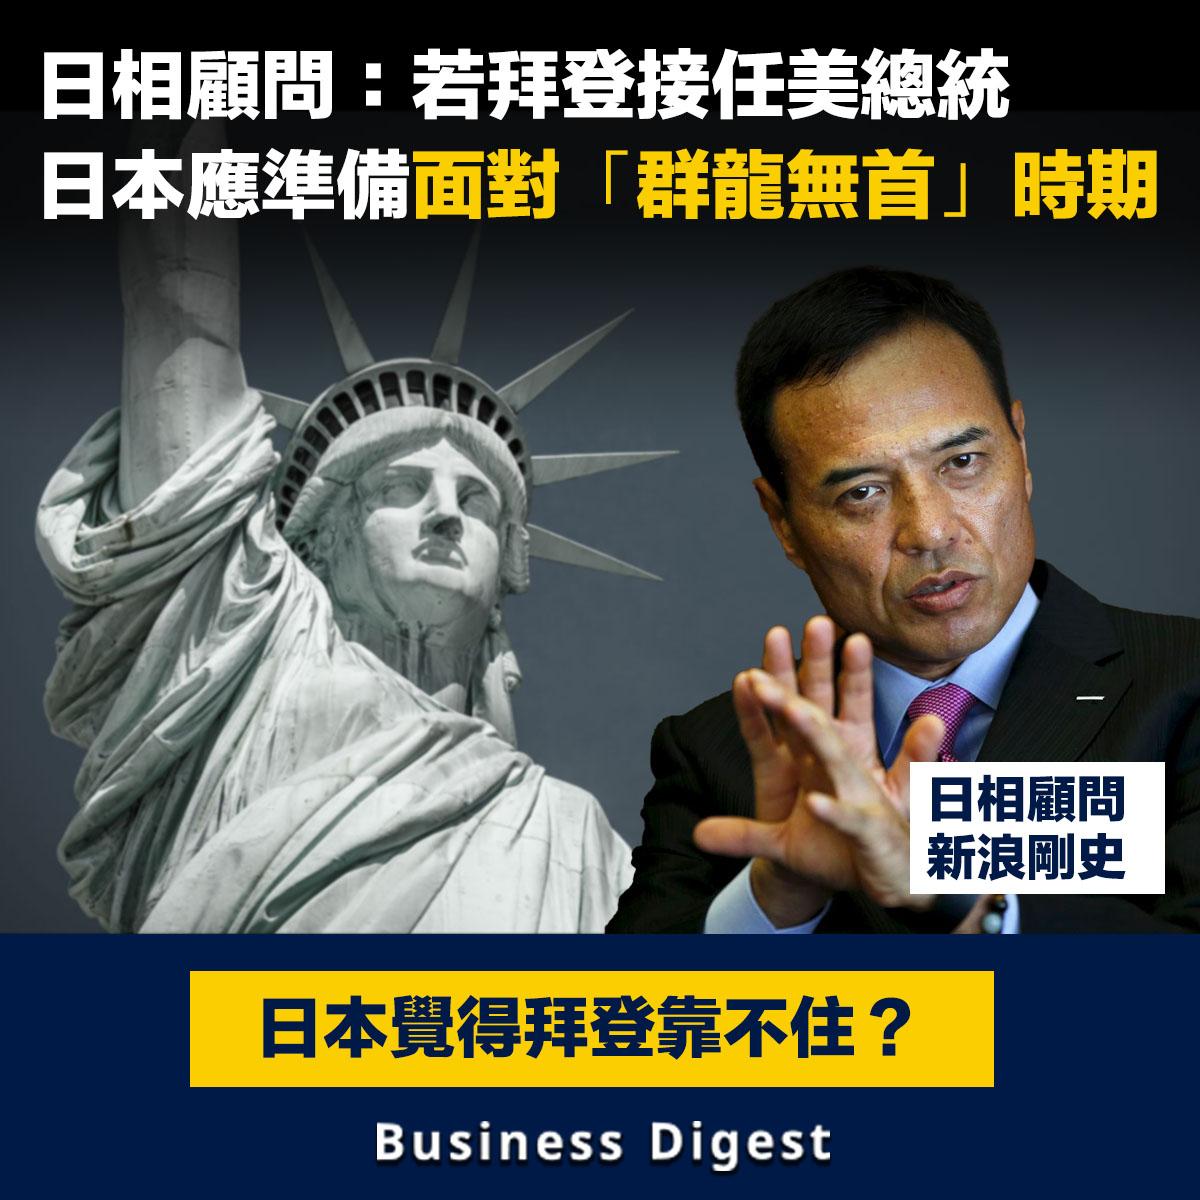 日本首相菅義偉顧問新浪剛史表示,隨著美國在全球的領導地位逐漸下滑,日本政府應作好面對全球「群龍無首」的準備